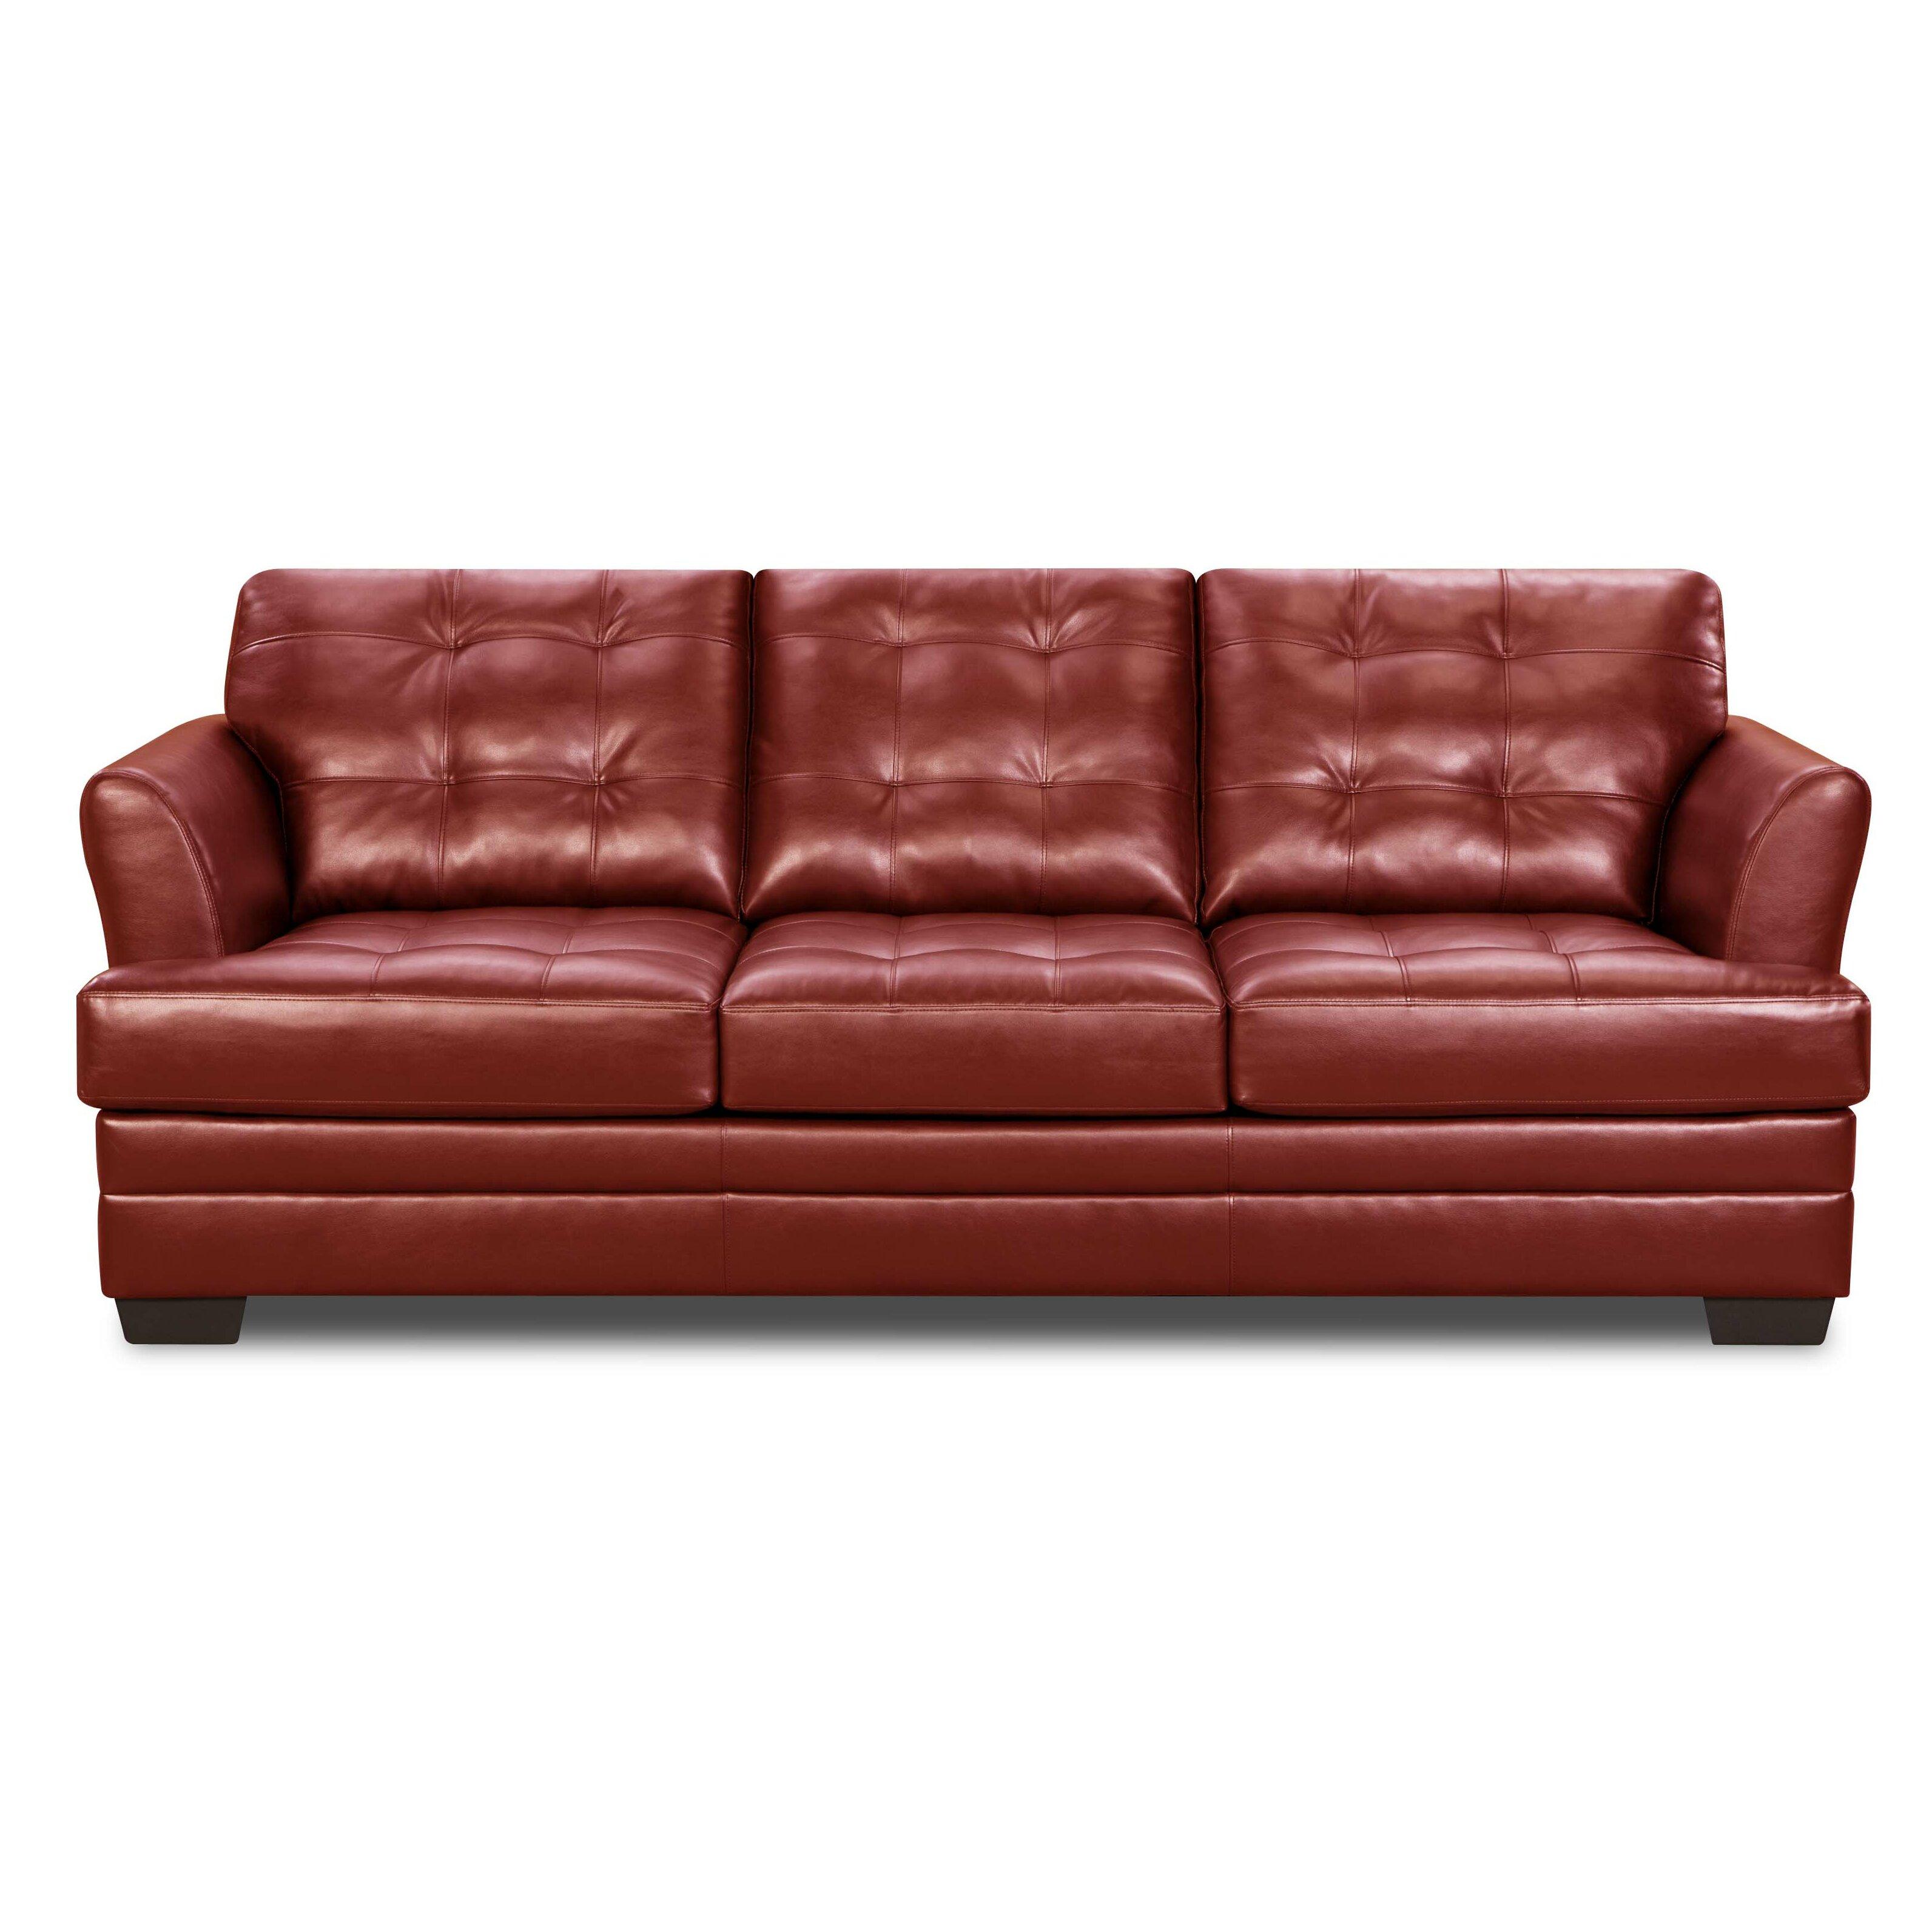 Alcott Hill Simmons Upholstery Rathdowney Sleeper Sofa